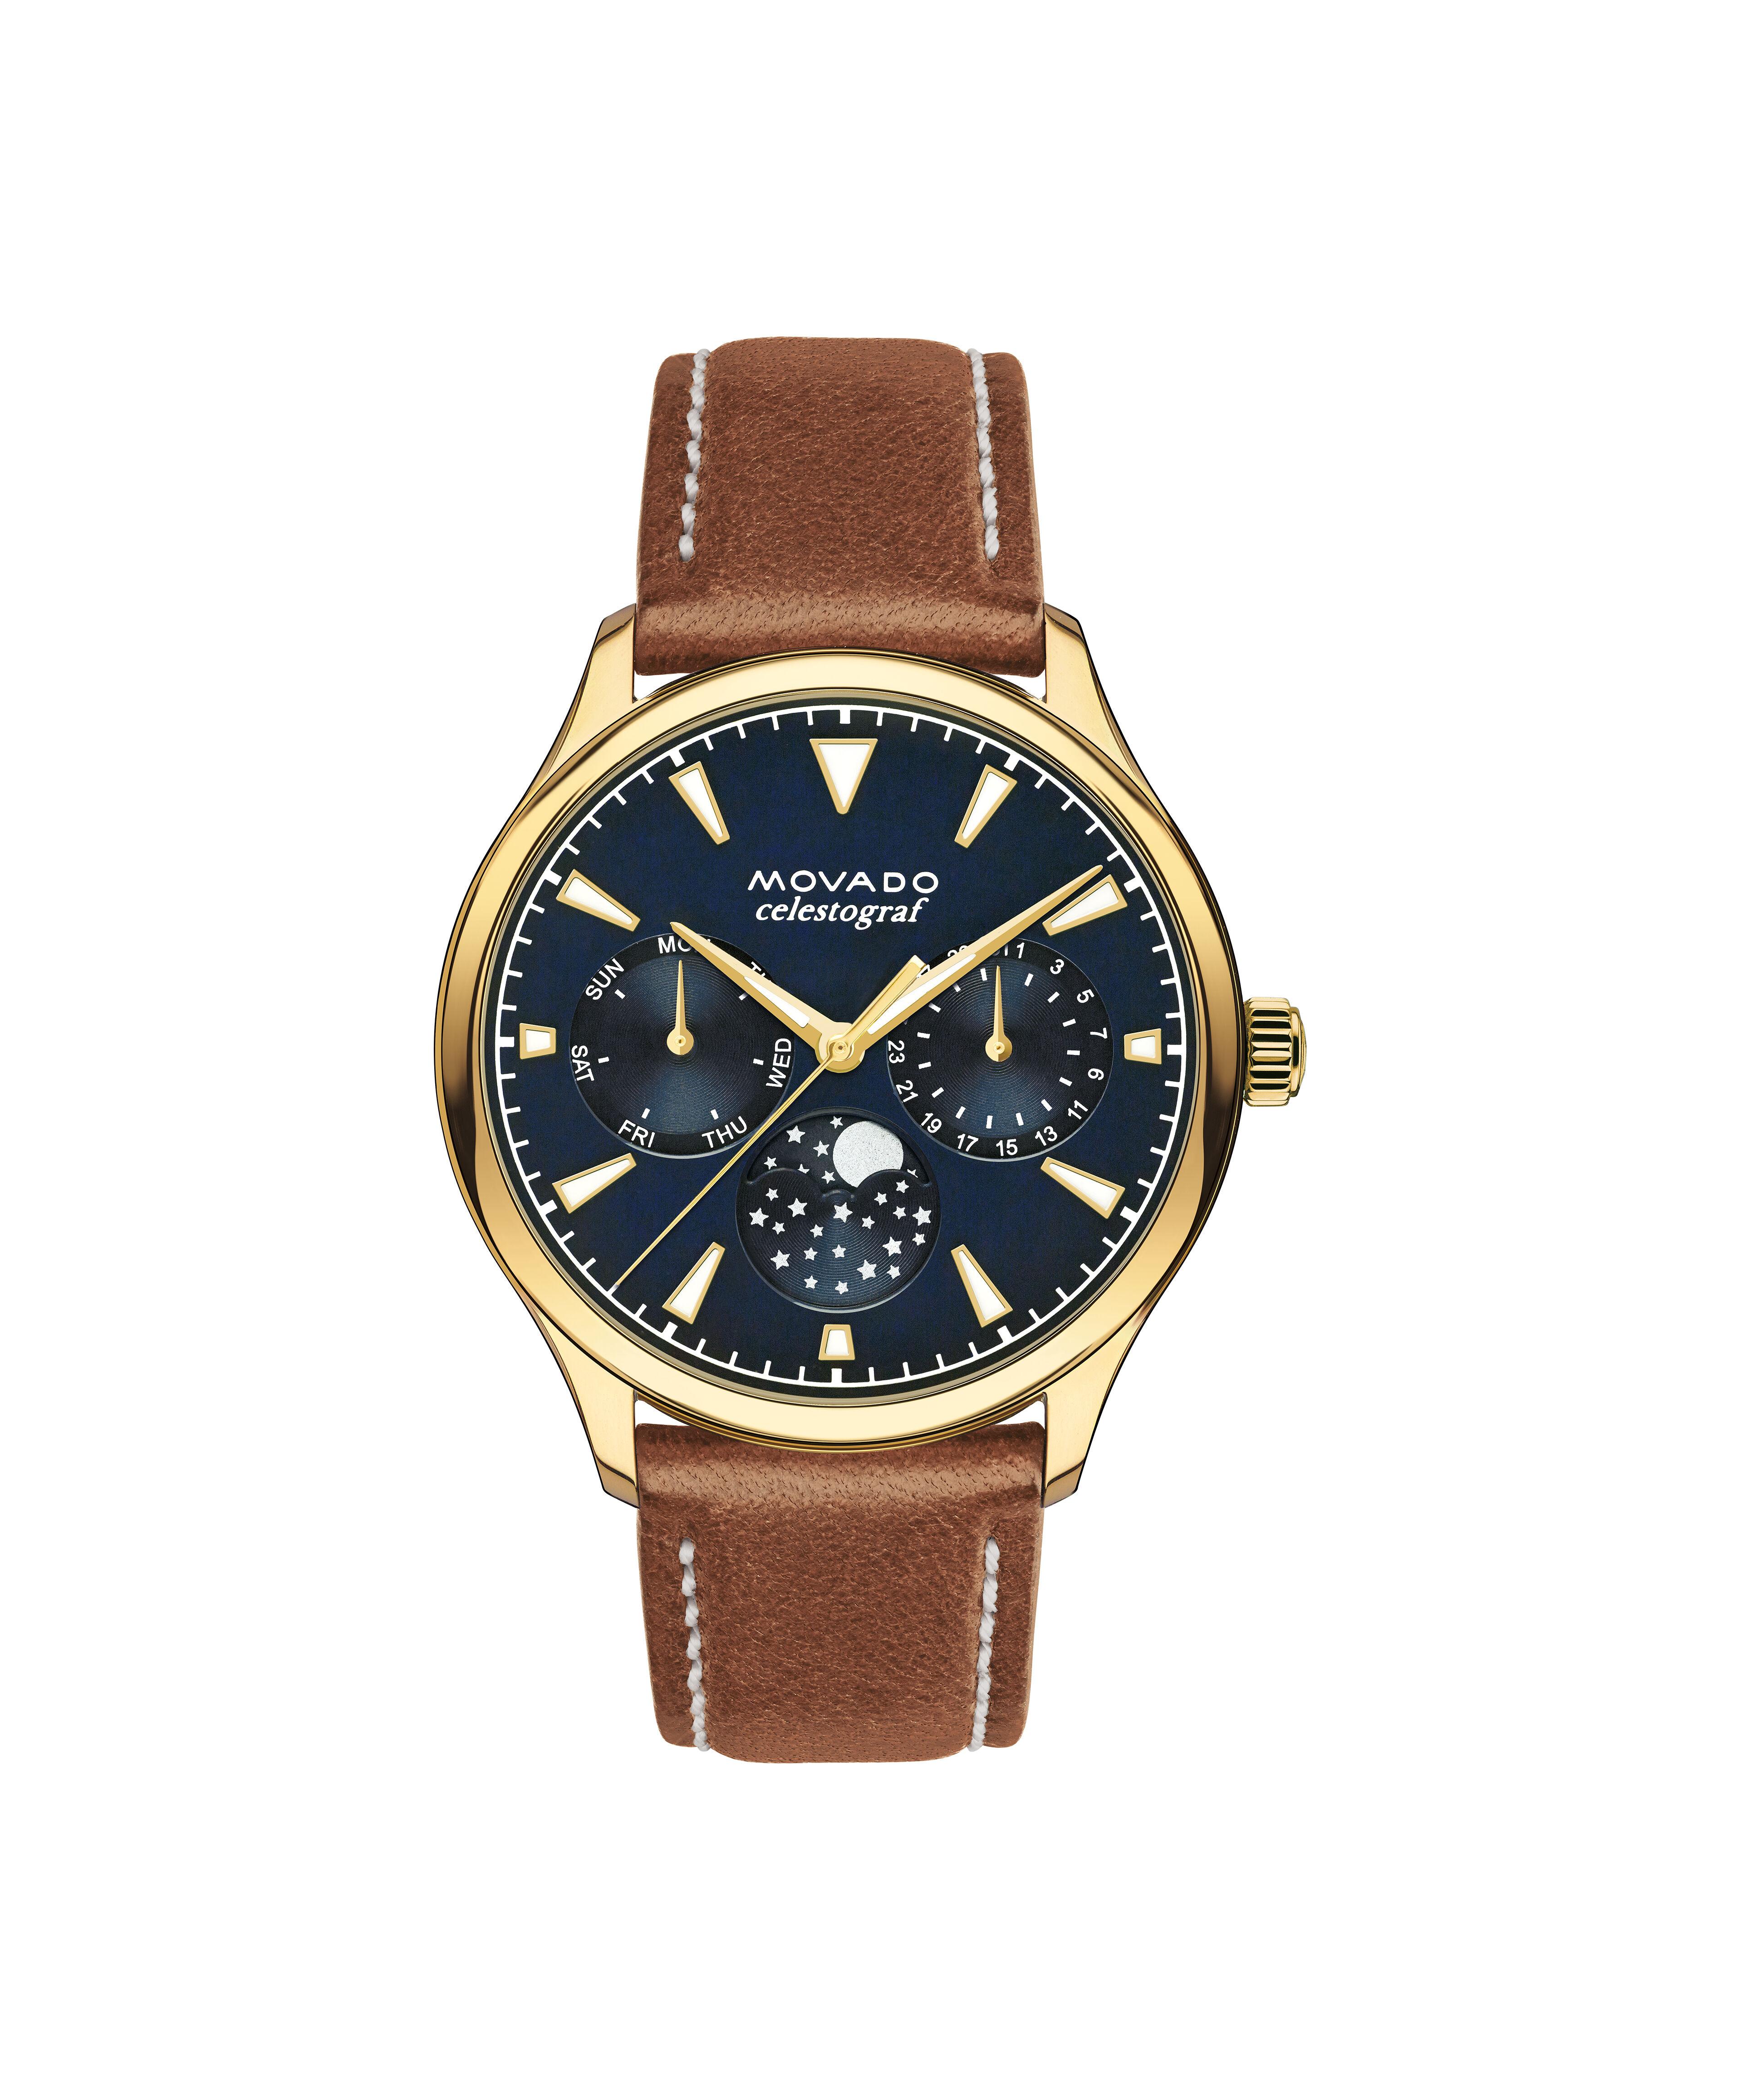 How To Spot A Fake Audemars Piguet Watch